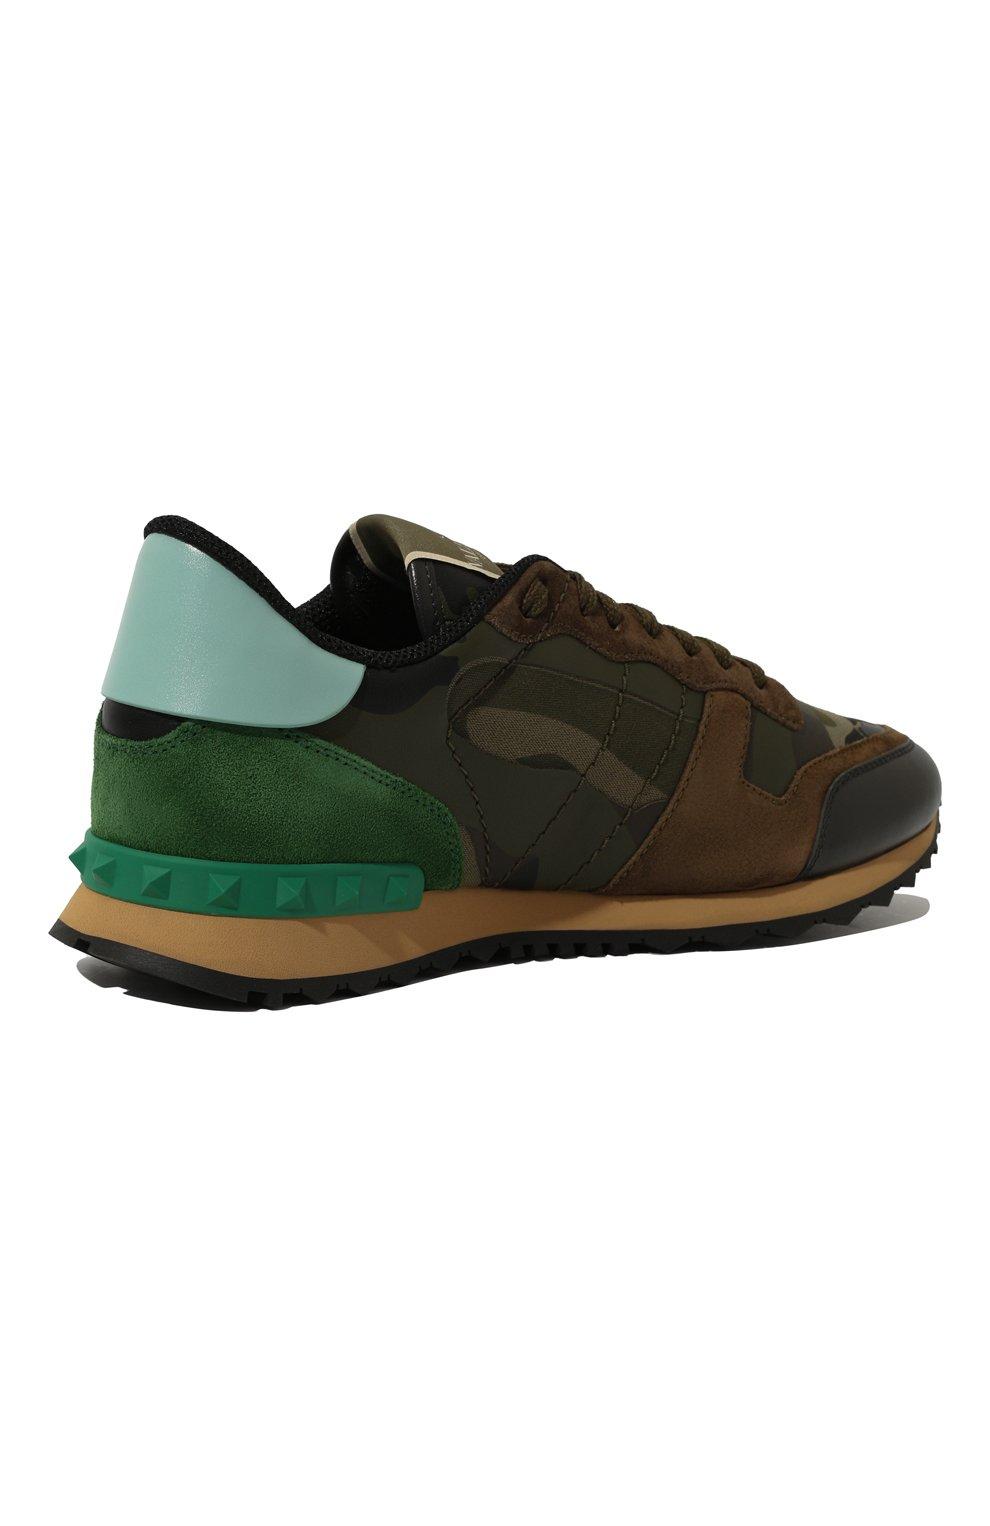 Комбинированные кроссовки Valentino Garavani Rockrunner на шнуровке   Фото  №5 6d1f91002c3